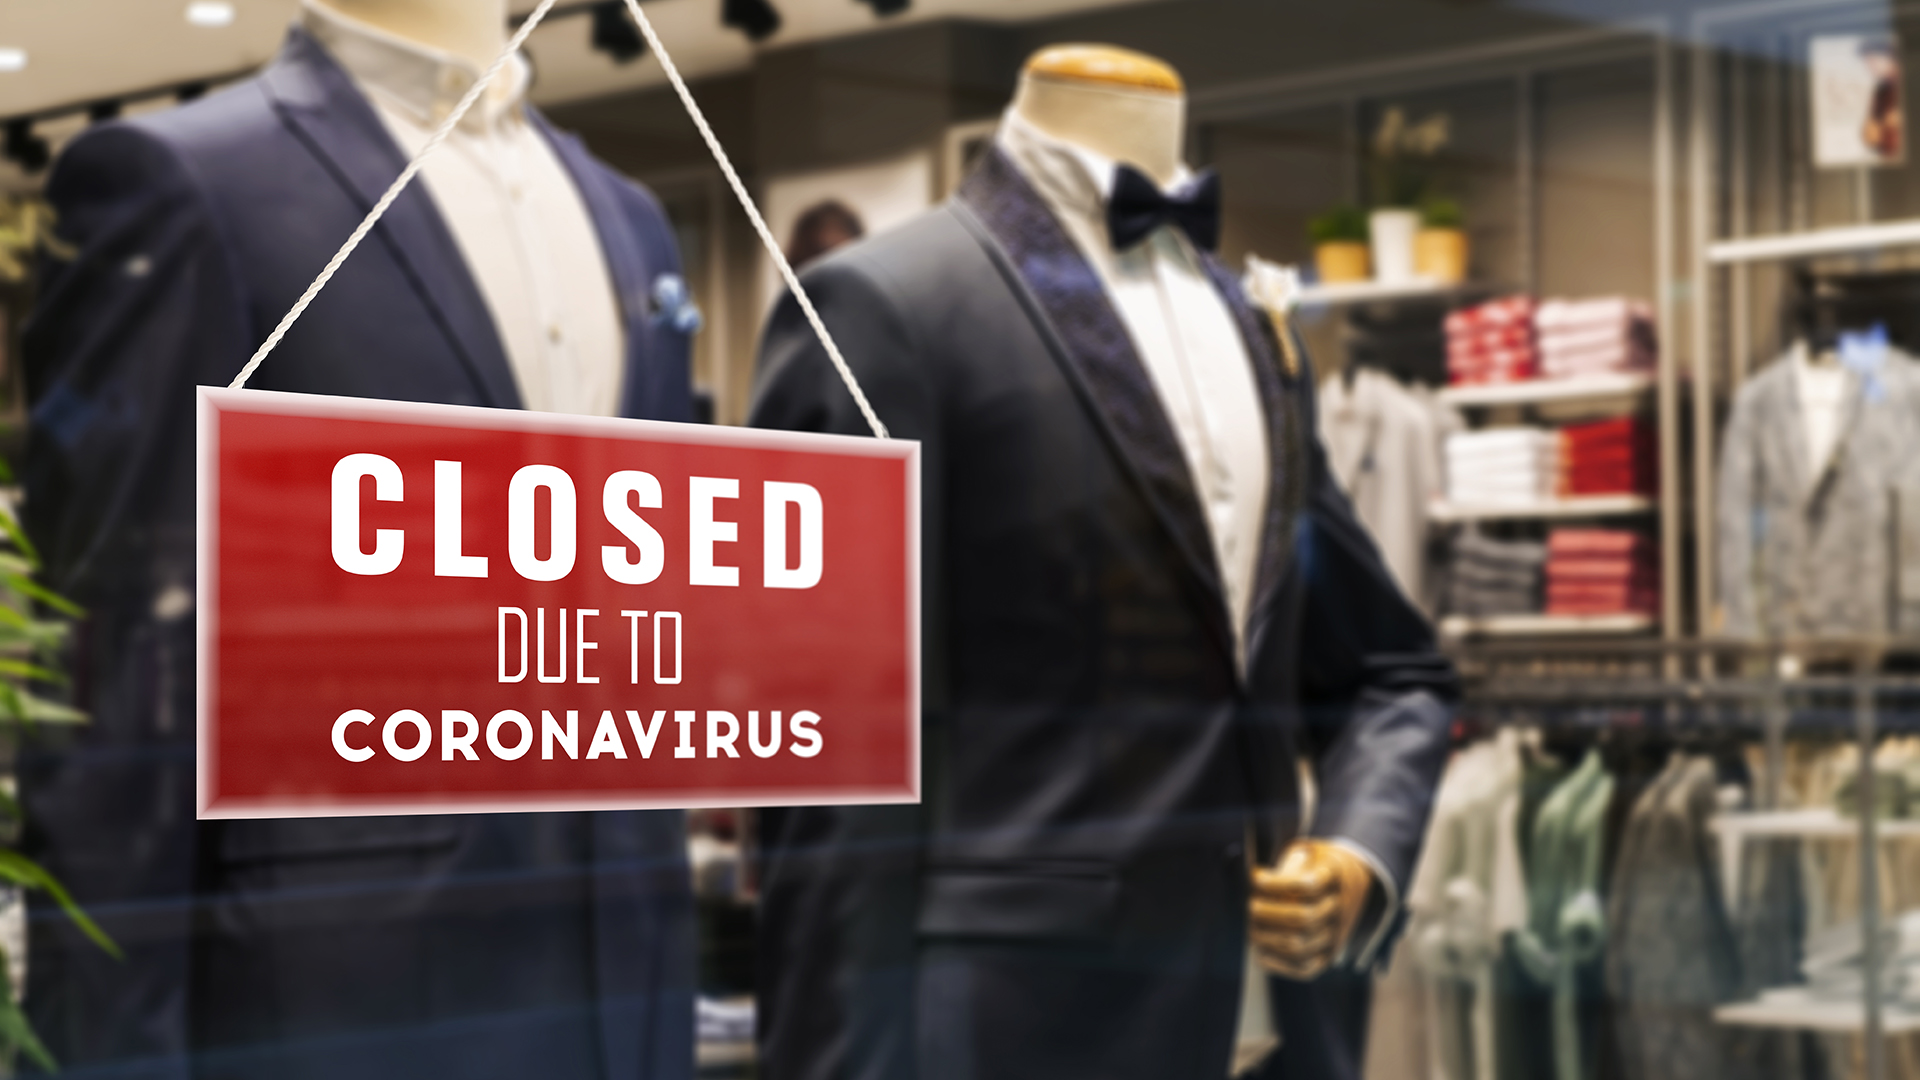 Ausztriában bezárnak a plázák és az iskolák a járvány miatt